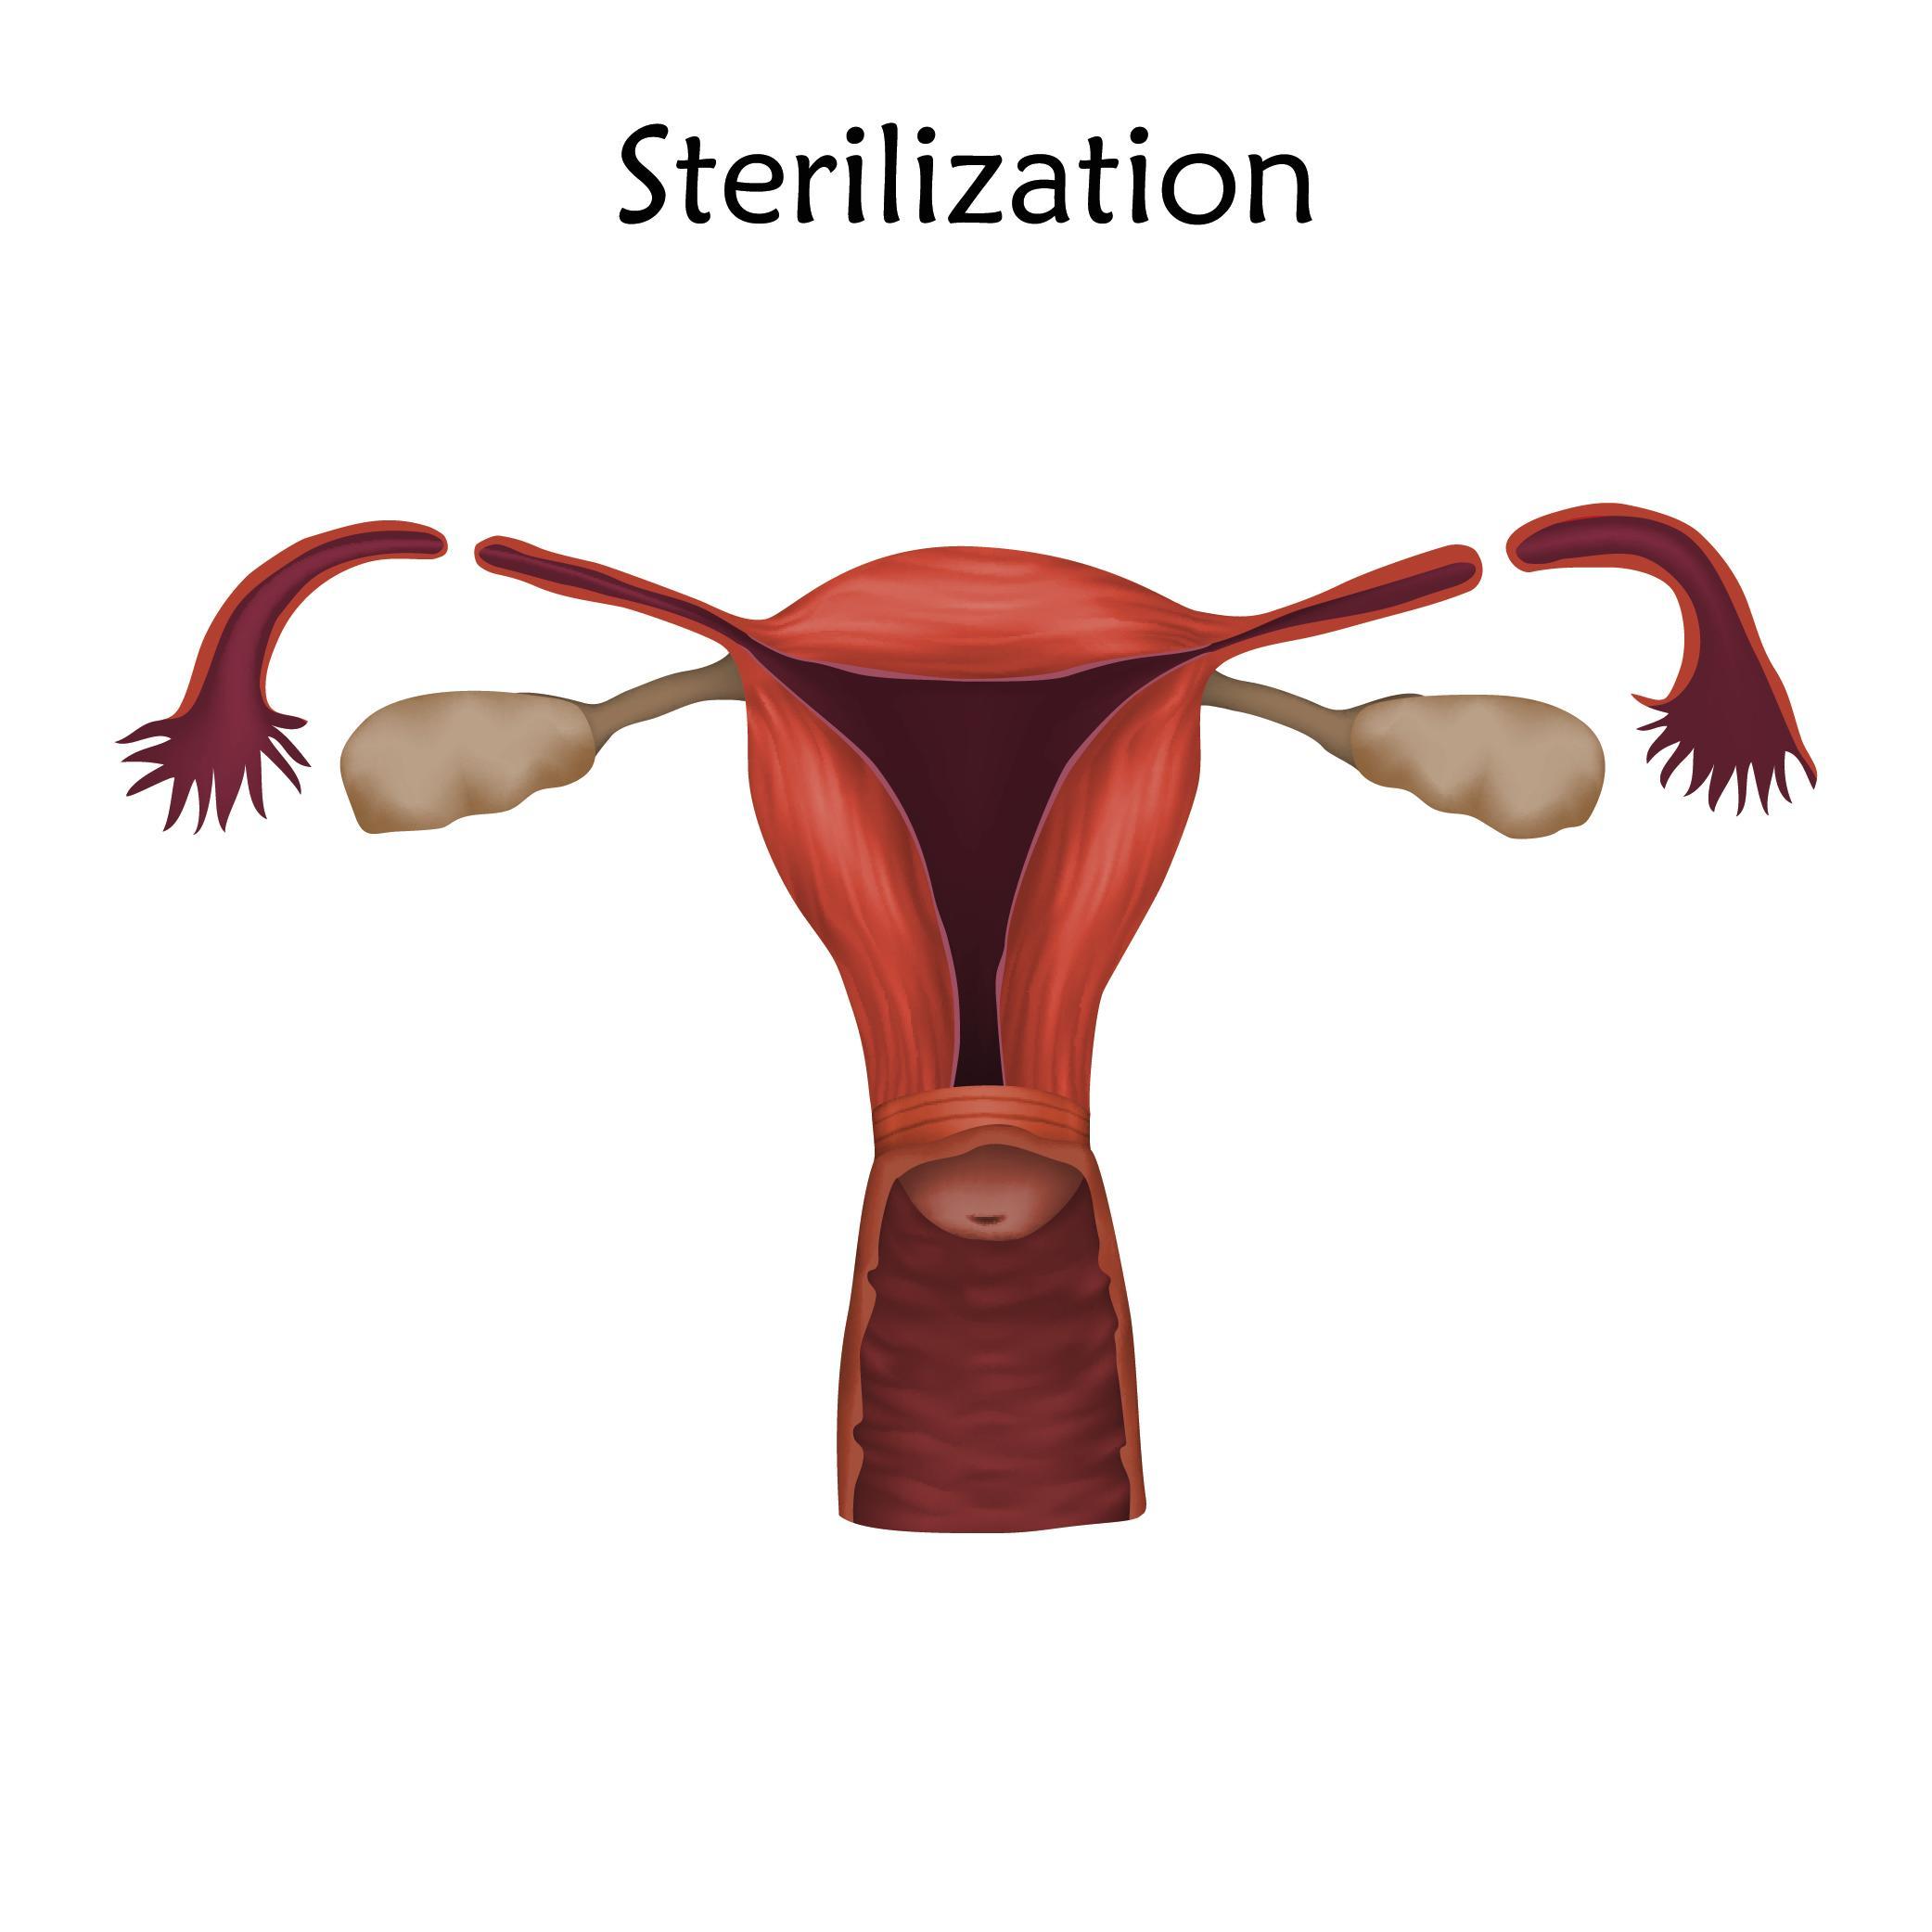 Bei der Sterilisation werden die Eileiter der Frau abgetrennt.